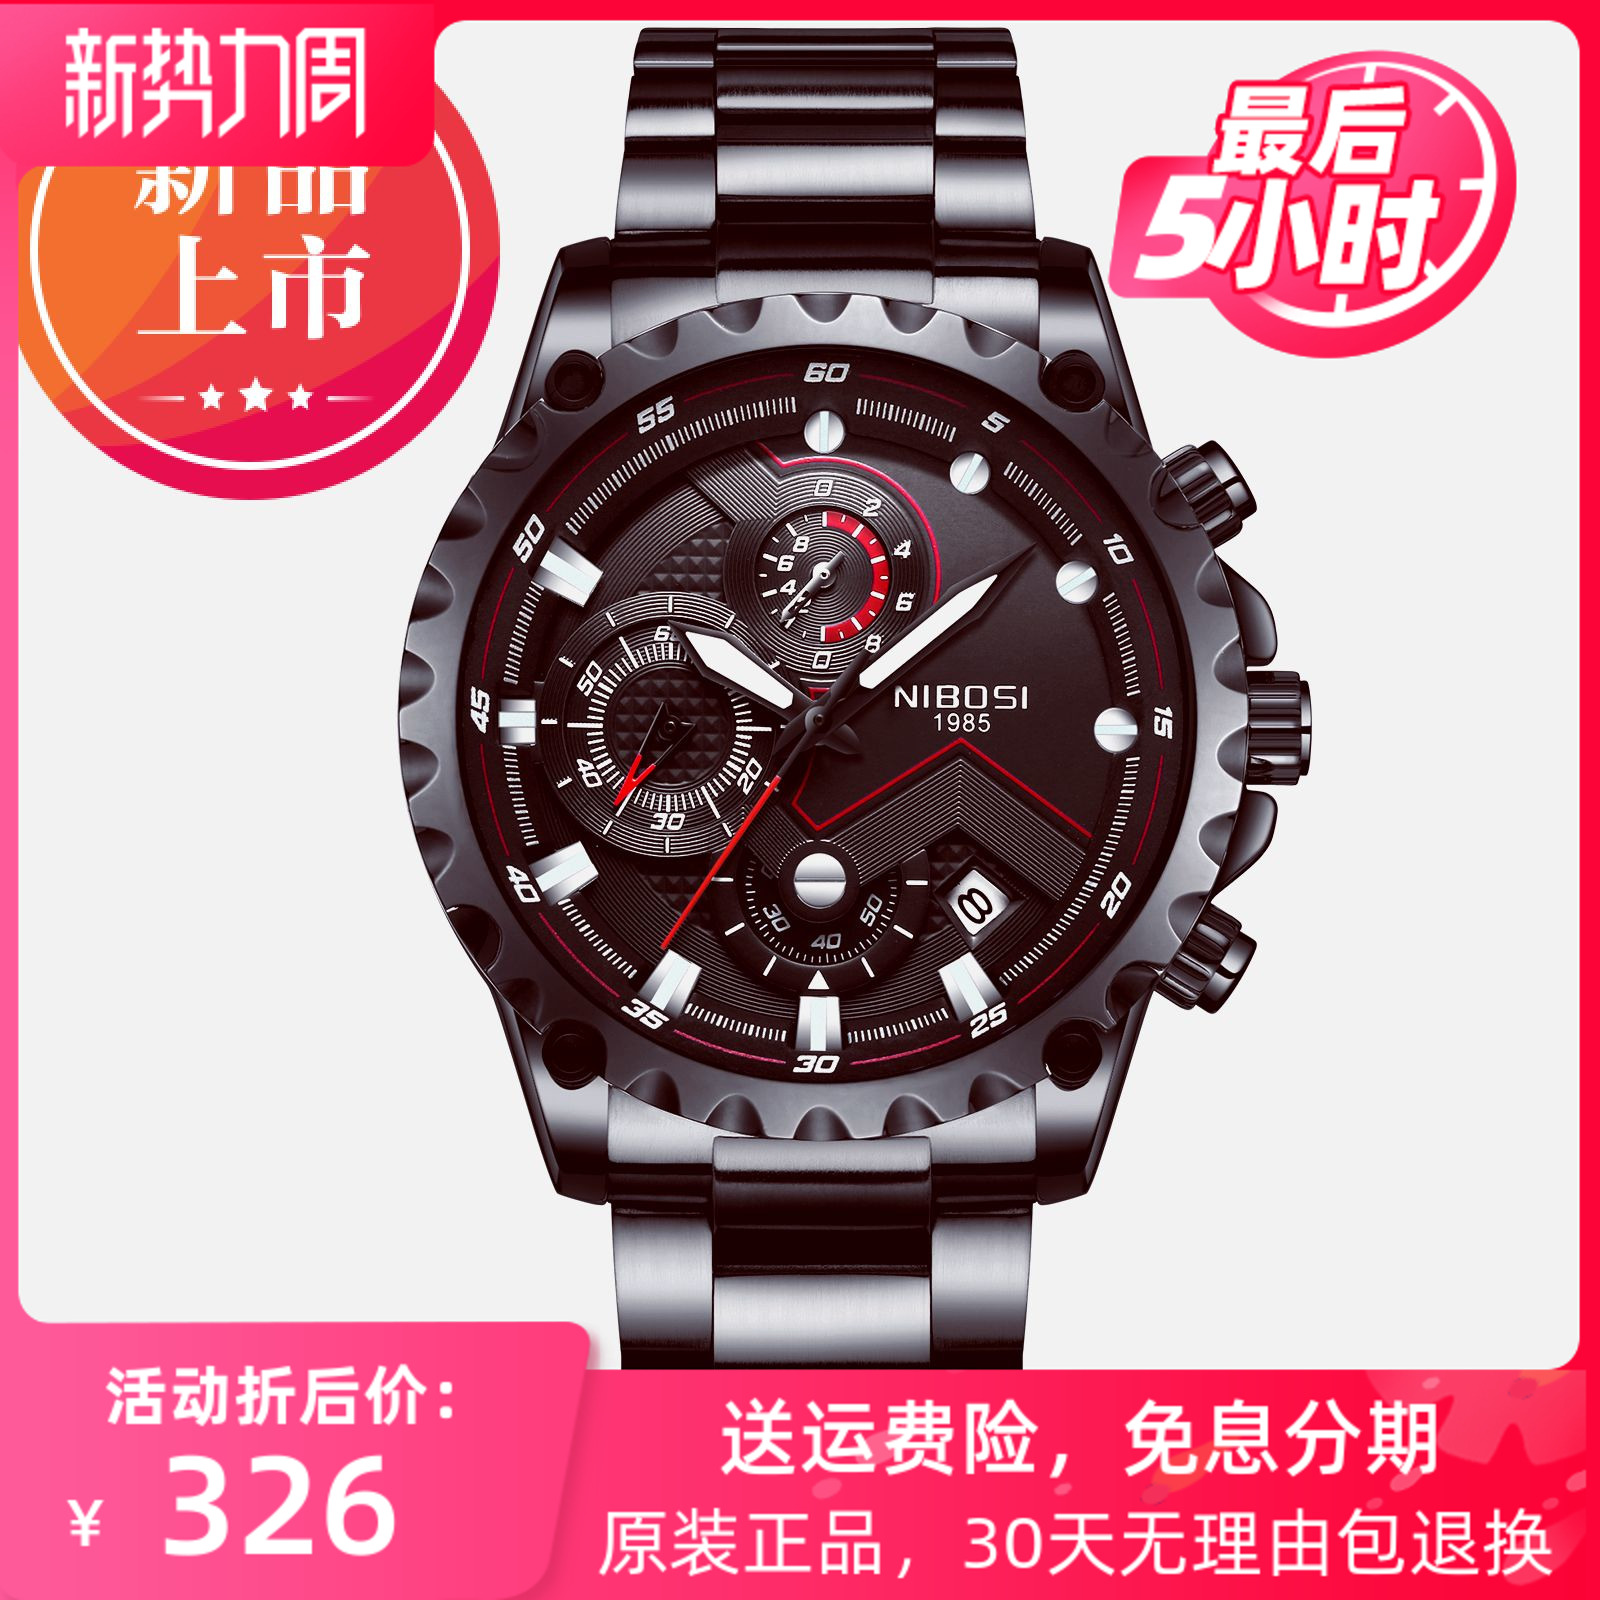 2021新款DW手表男 全自动机械石英三眼六针运动男士手表实心钢带